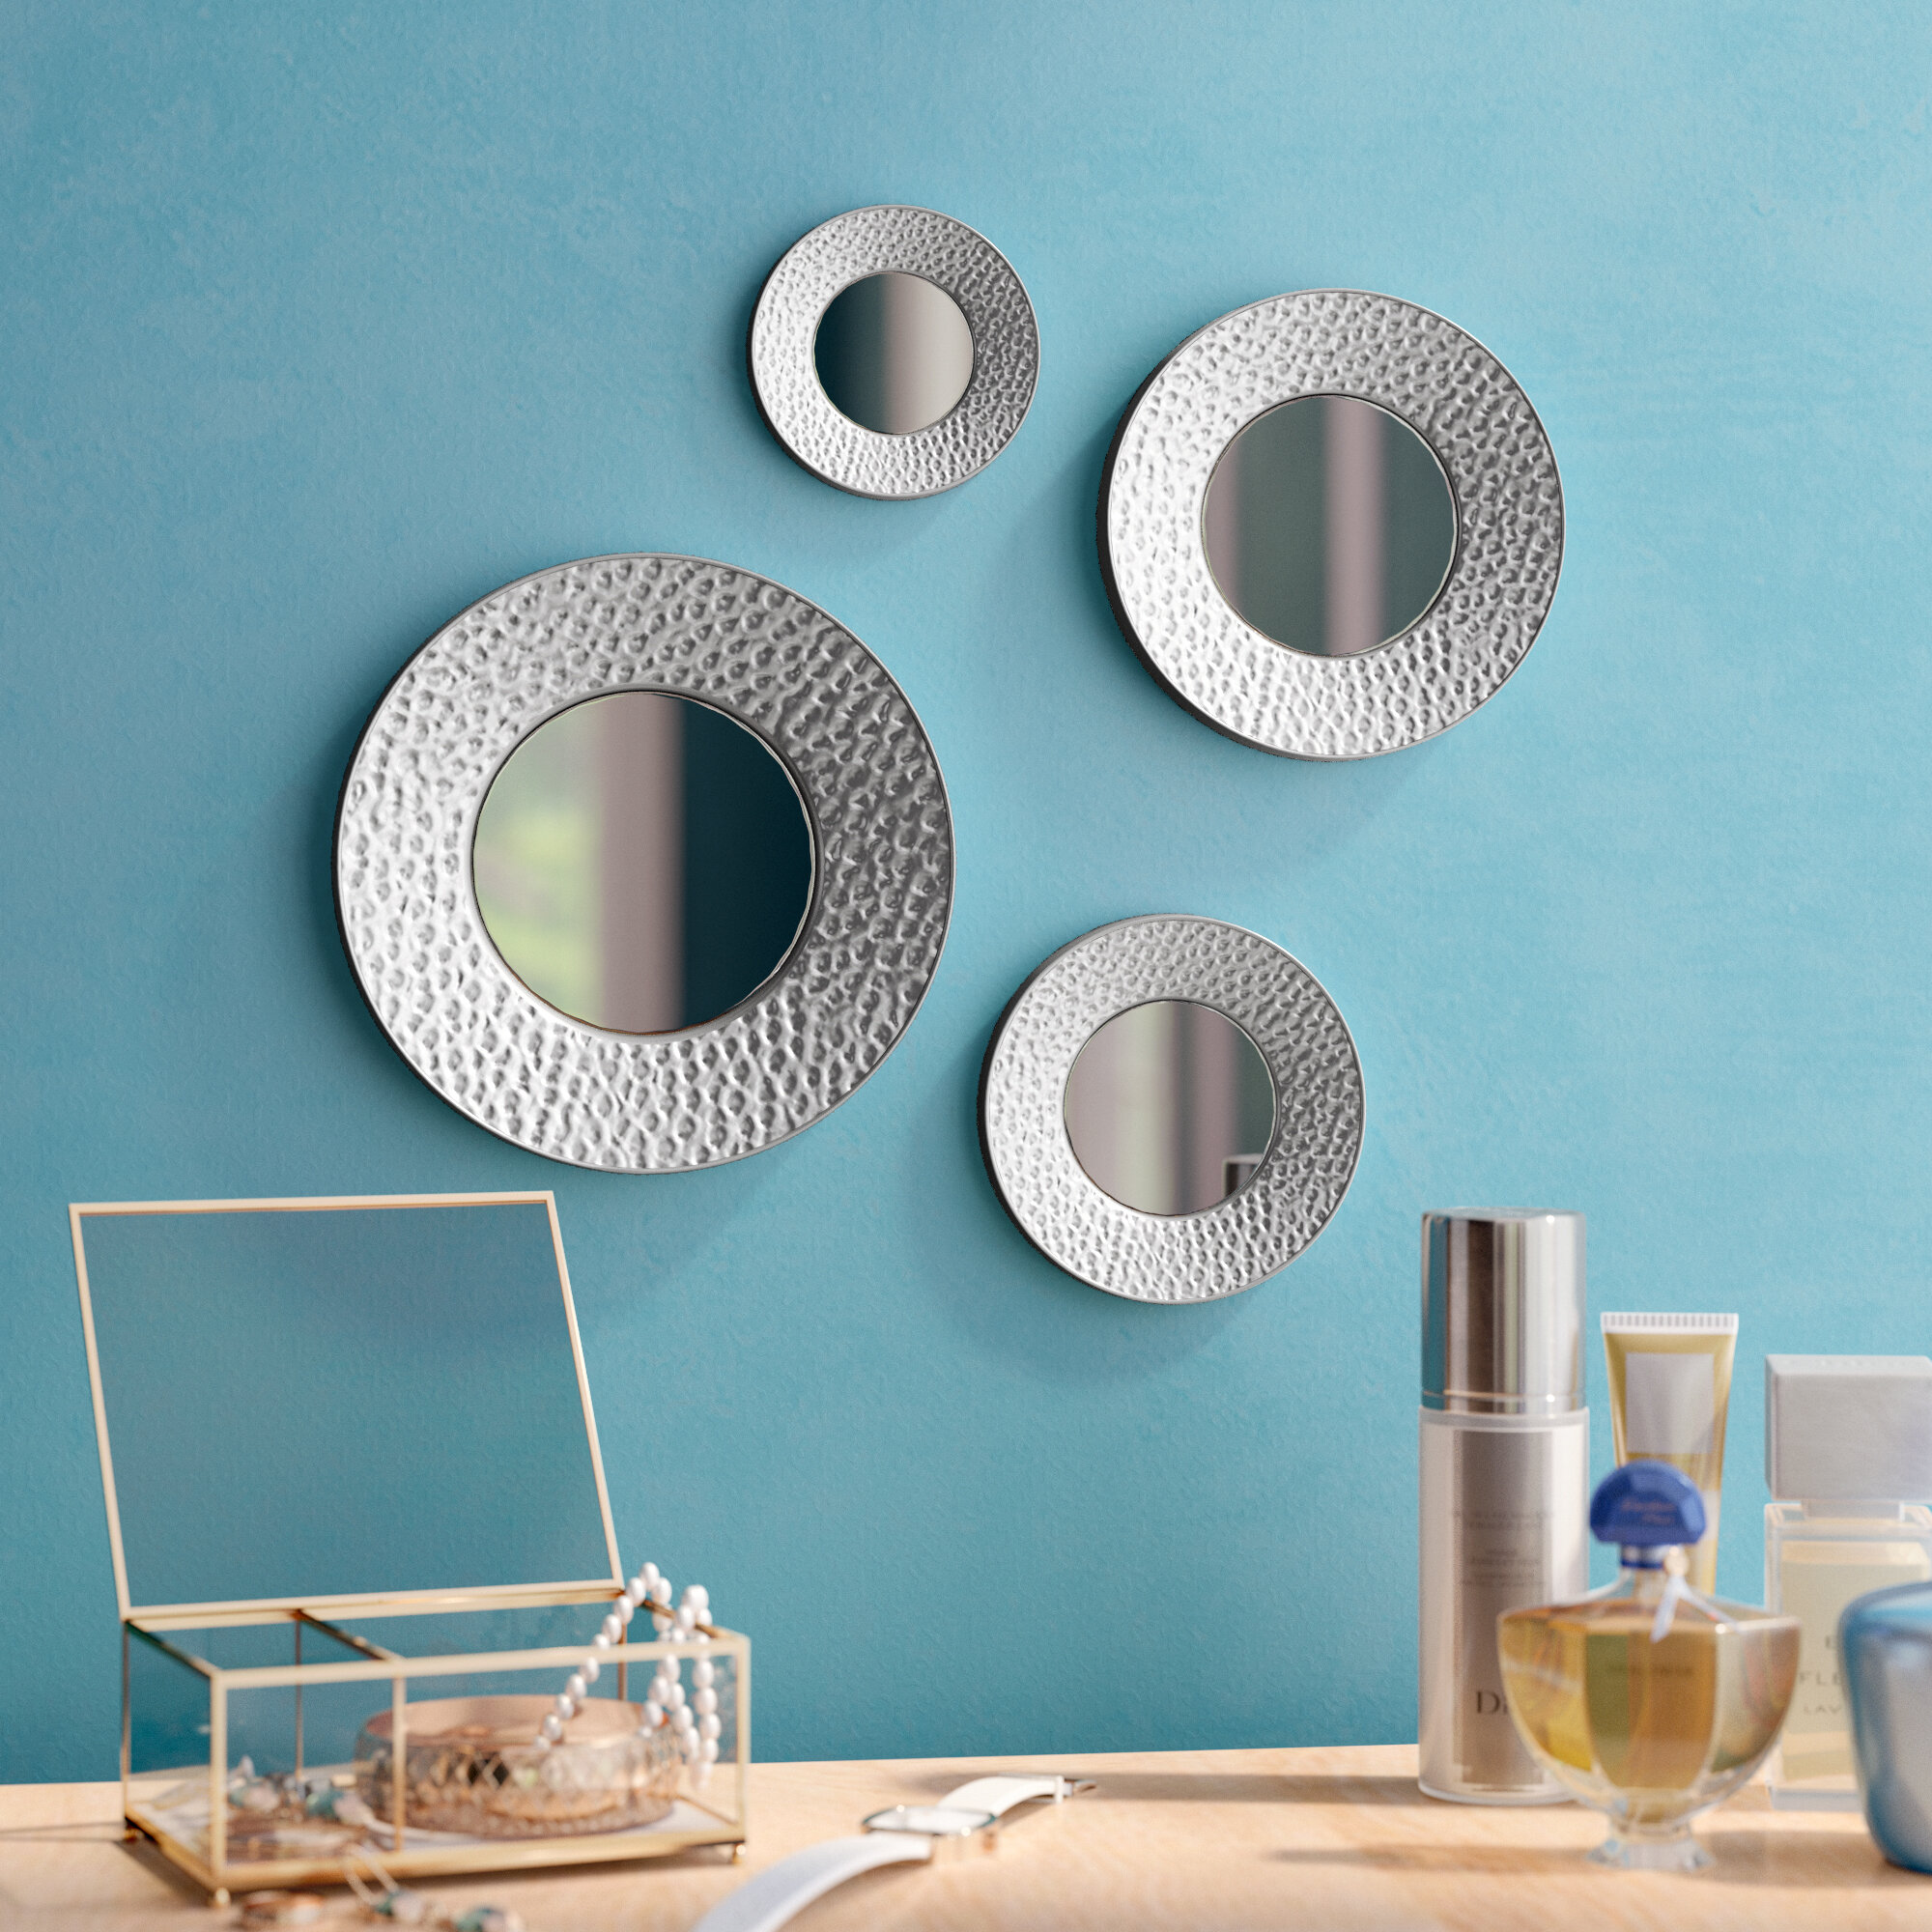 Langley Street 4 Piece Deon Modern Contemporary Beveled Wall Mirror Set Reviews Wayfair